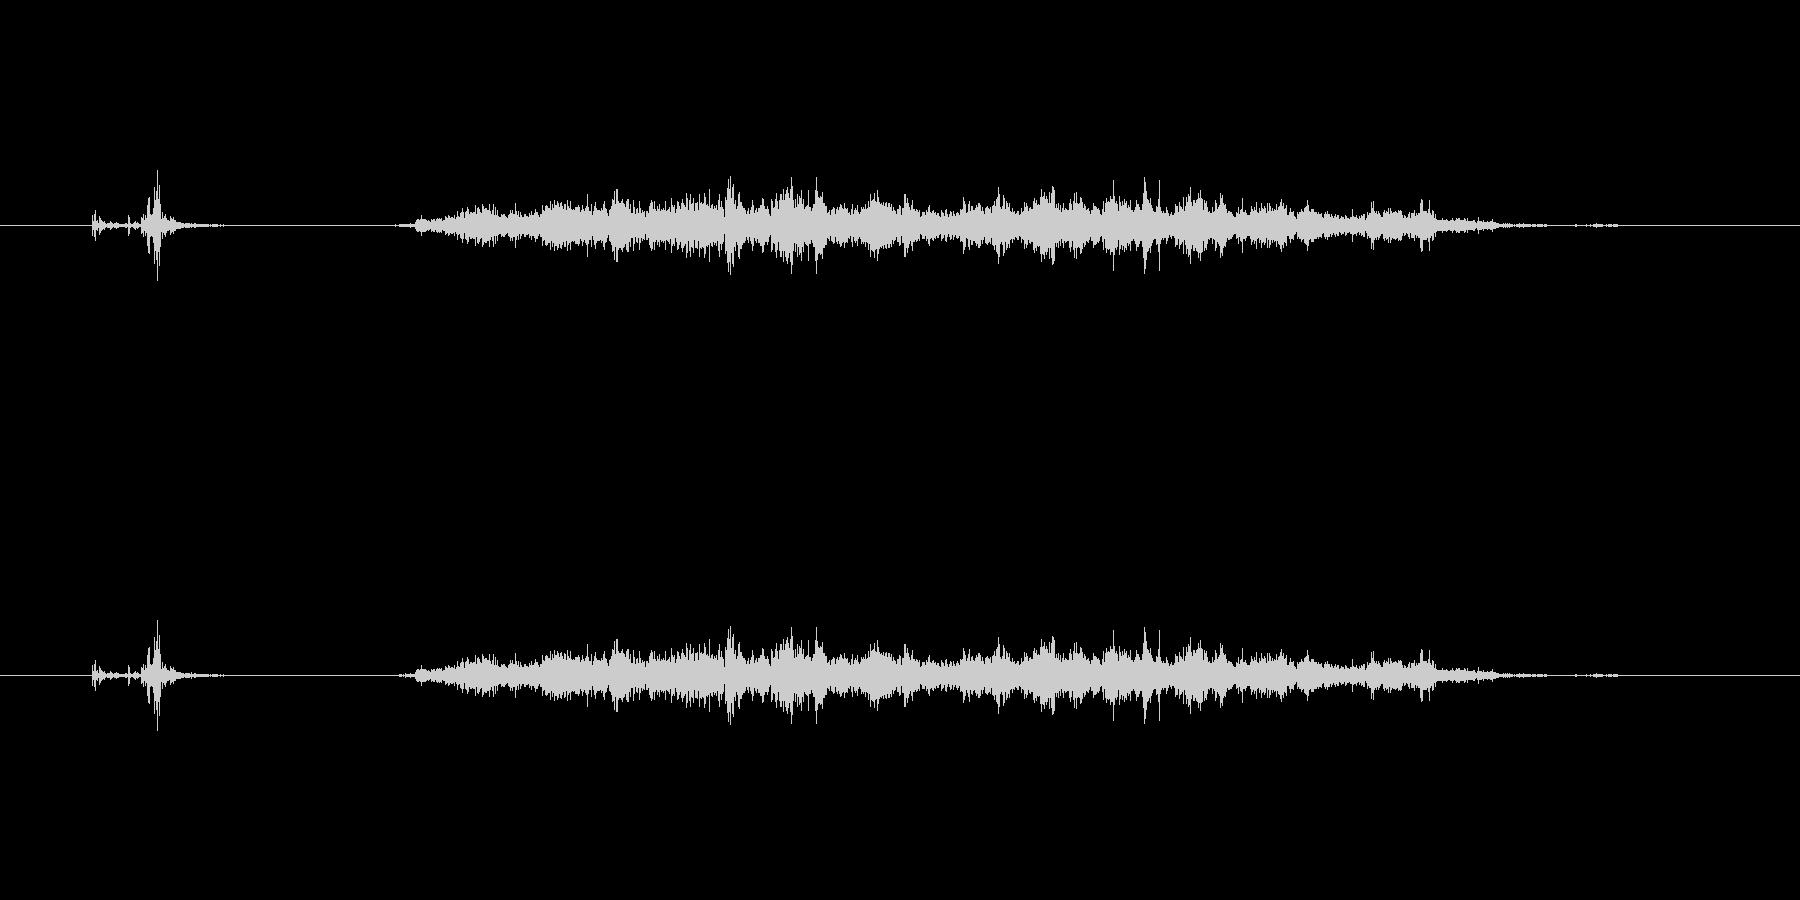 【カッター02-7(切る 段ボール)】の未再生の波形